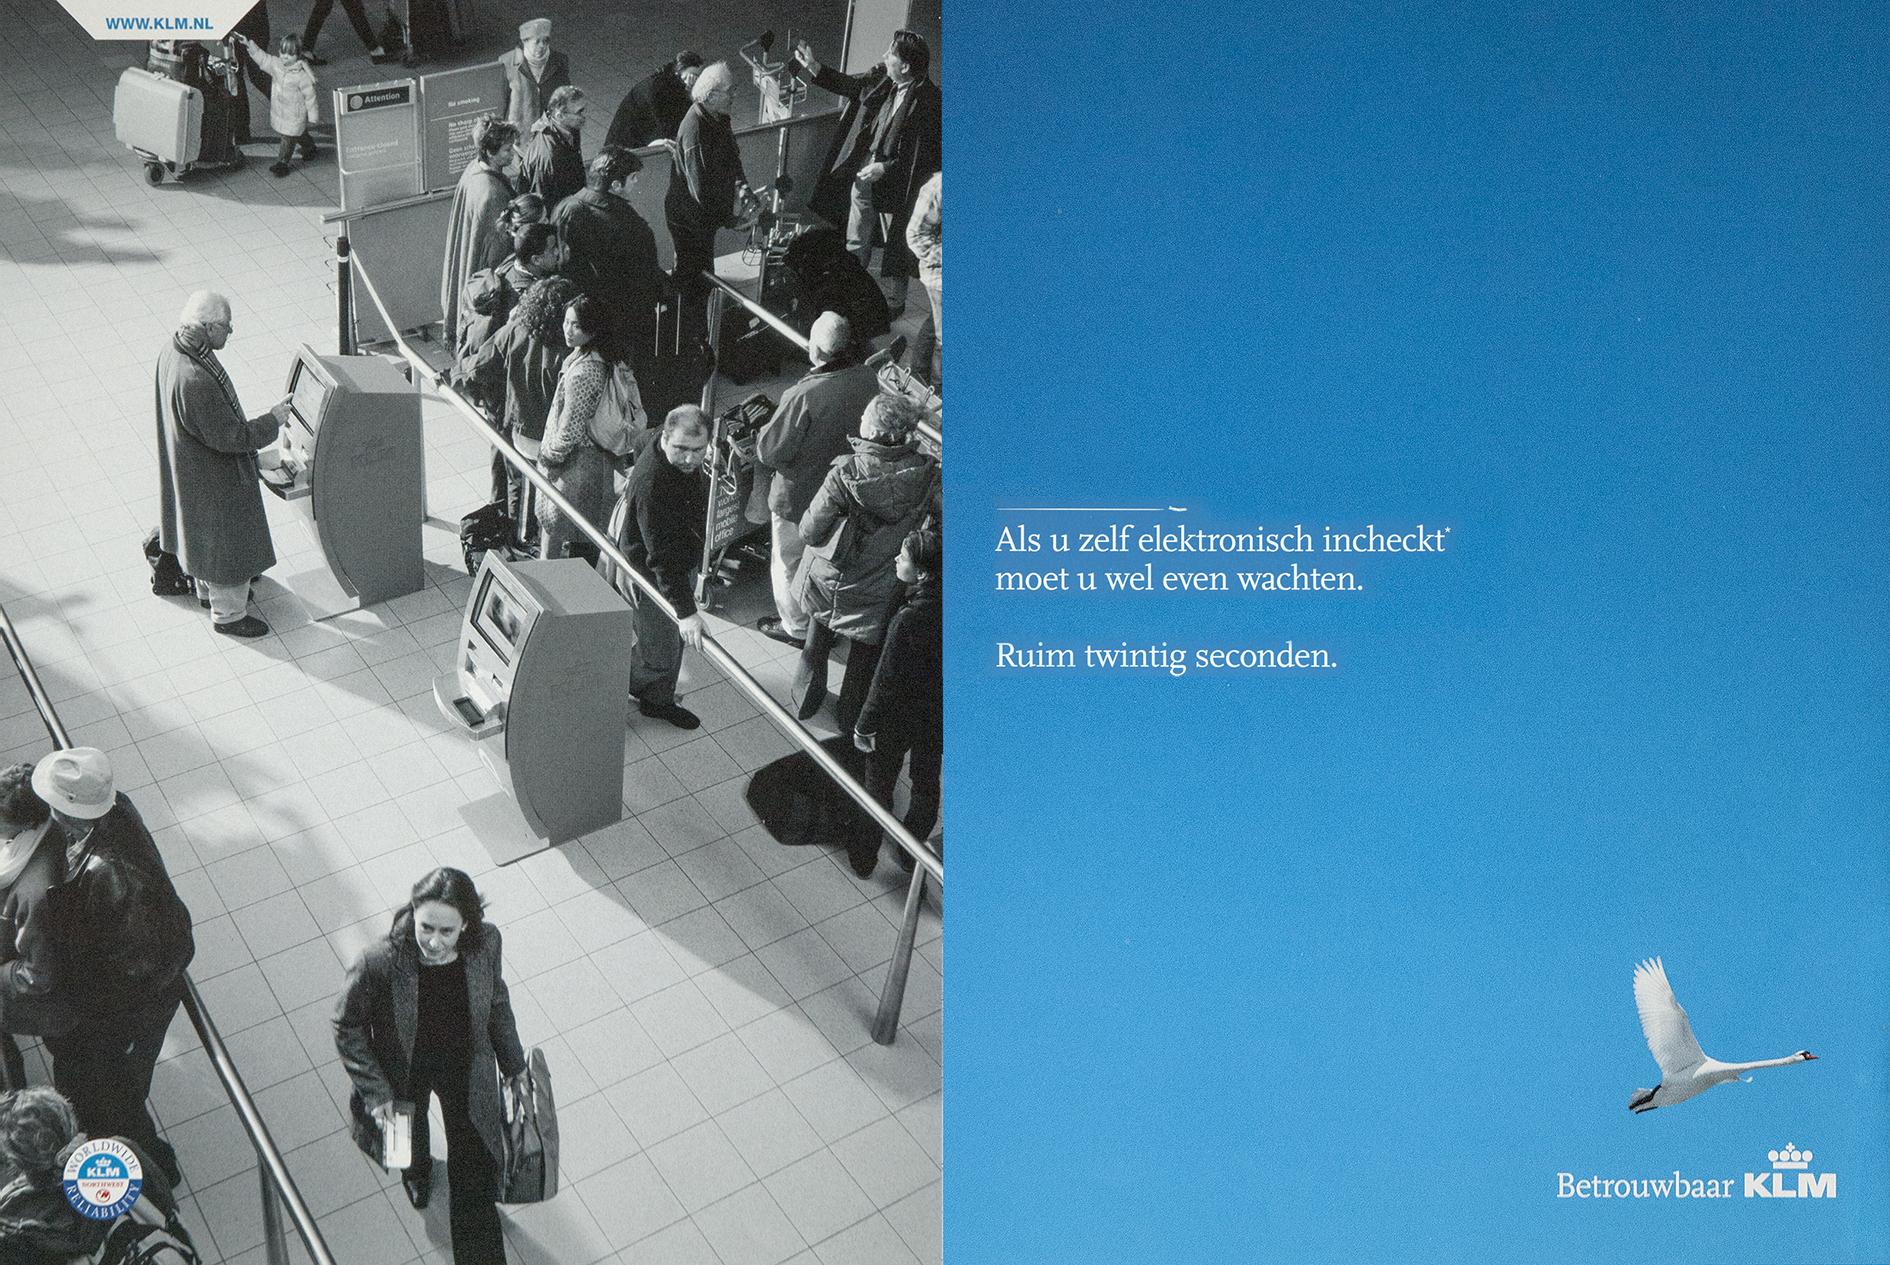 KLM_Elektronisch_inchecken kopie kopiëren.jpg